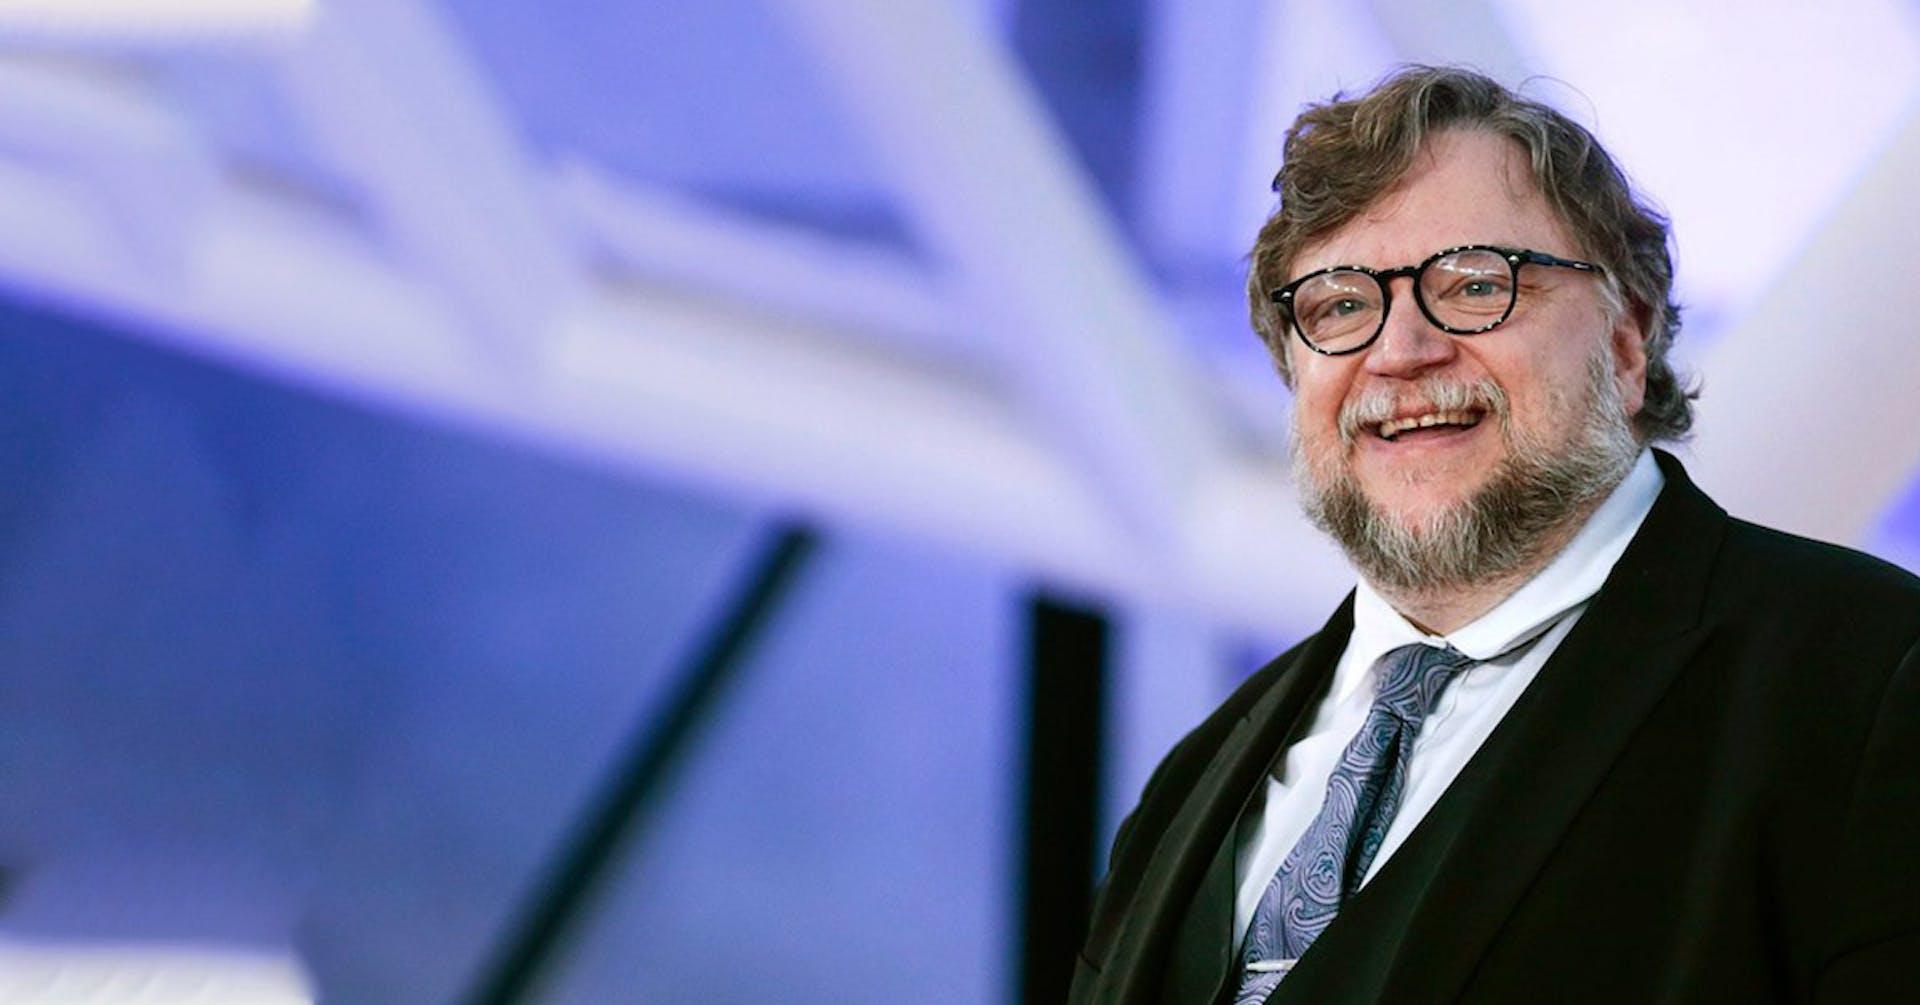 Guillermo del Toro otorga becas para estudiar cine